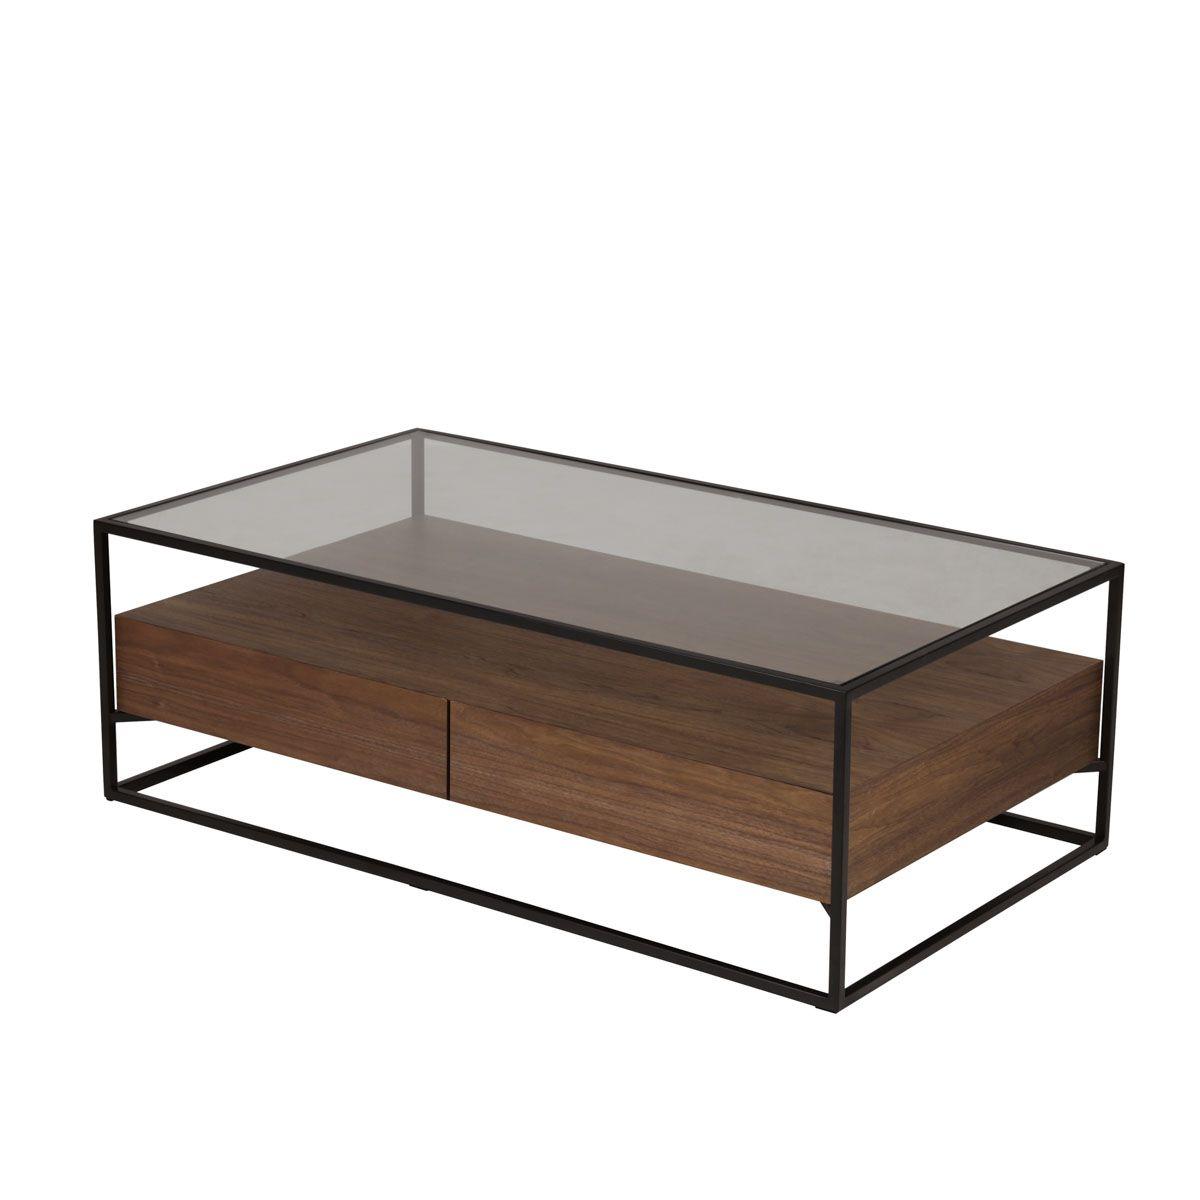 Table basse en métal verre et plaquage noyer 2 tiroirs